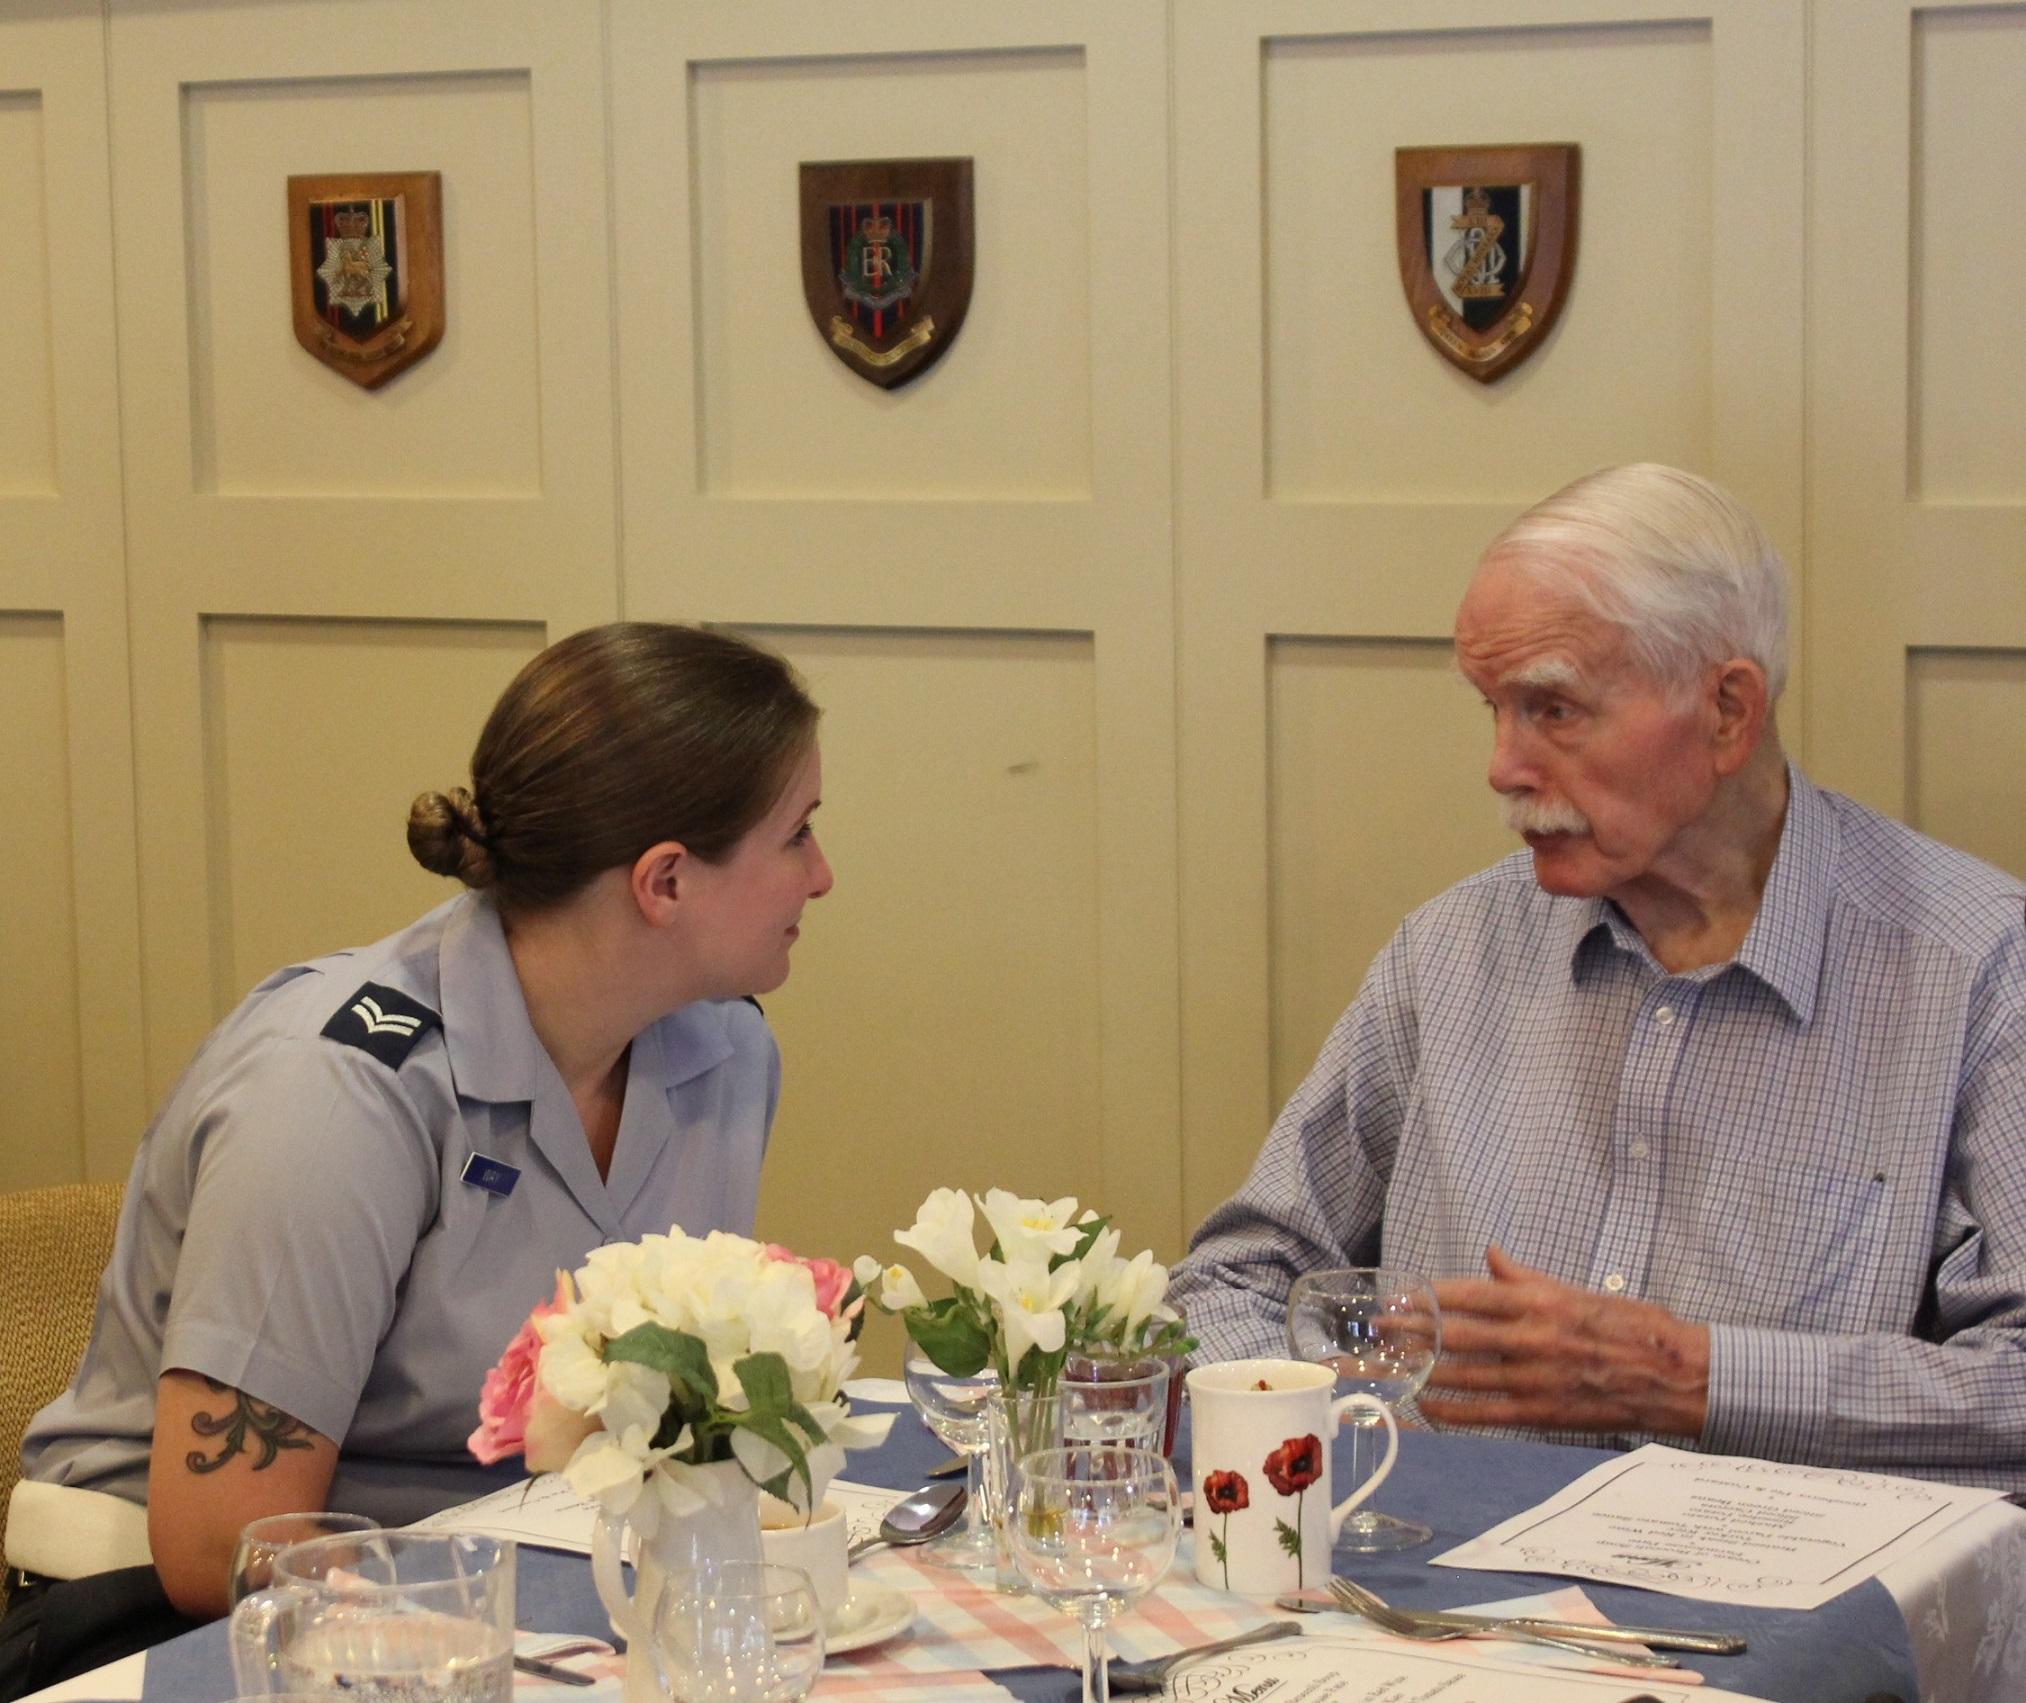 RAF Halton Visits Disabled Veterans Living At The Royal